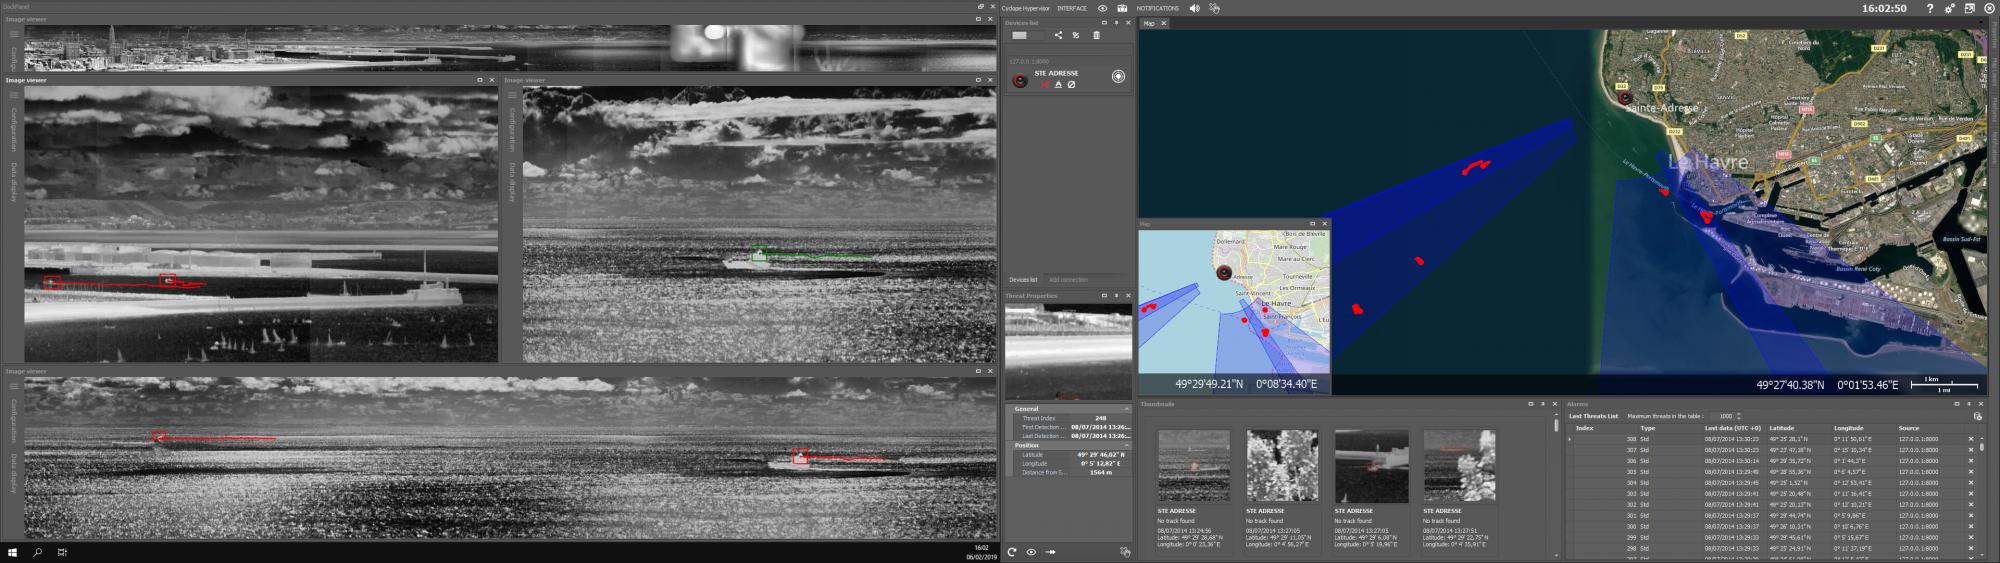 Hypervisor screenshot